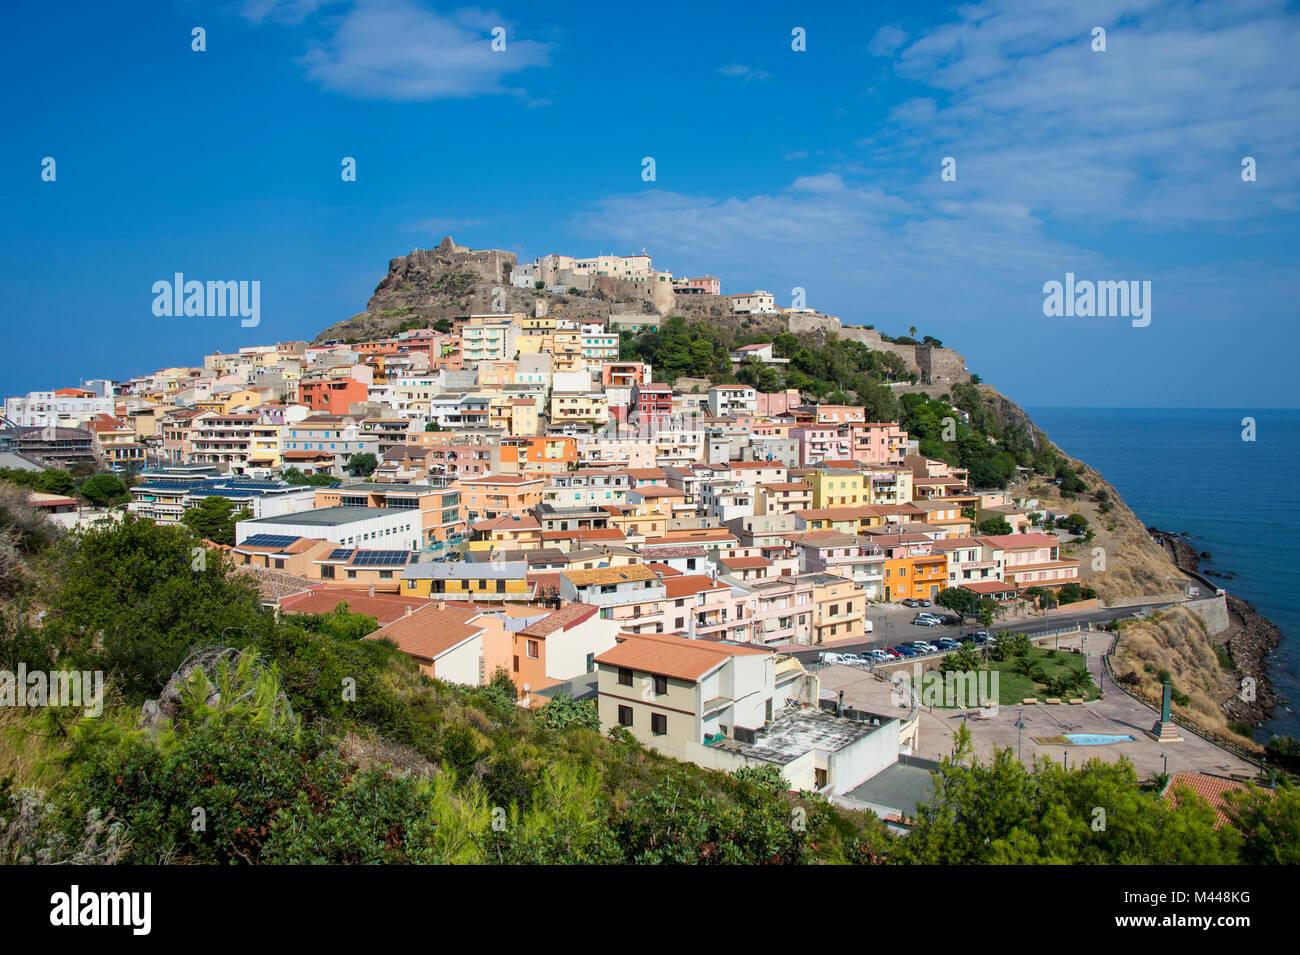 View of Castelsardo,Sardinia,Italy - Stock Image